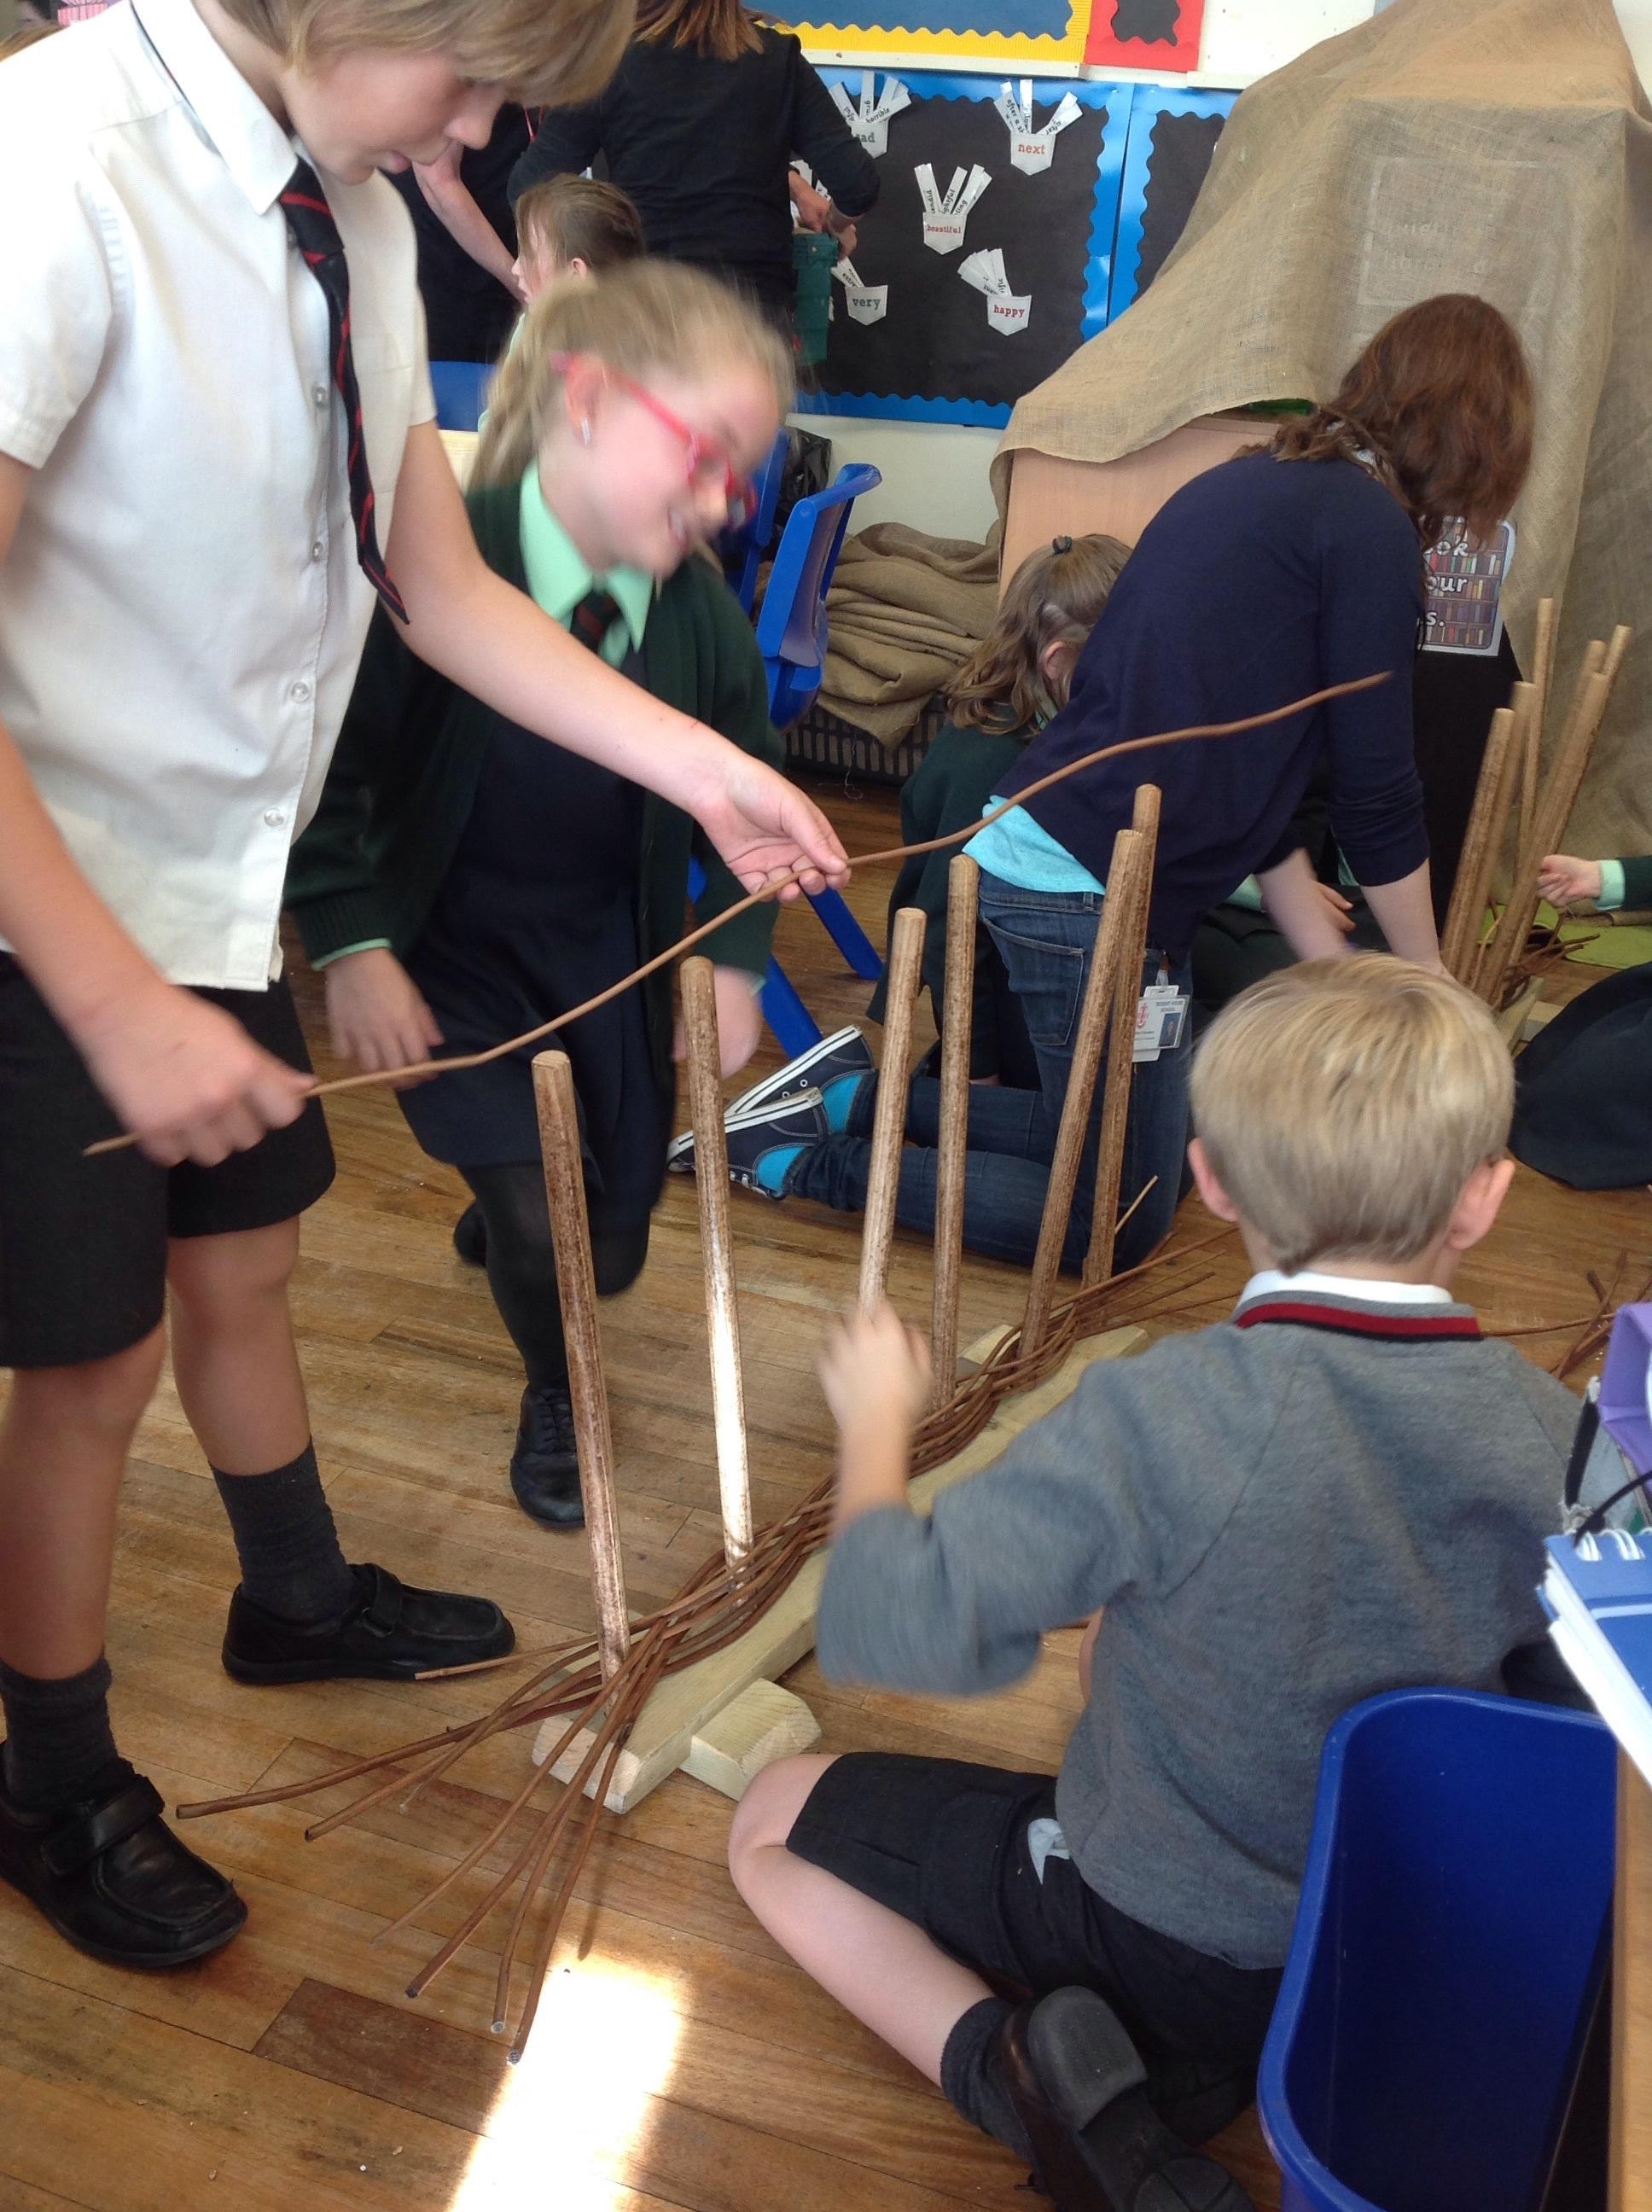 Weaving sticks to build fences.